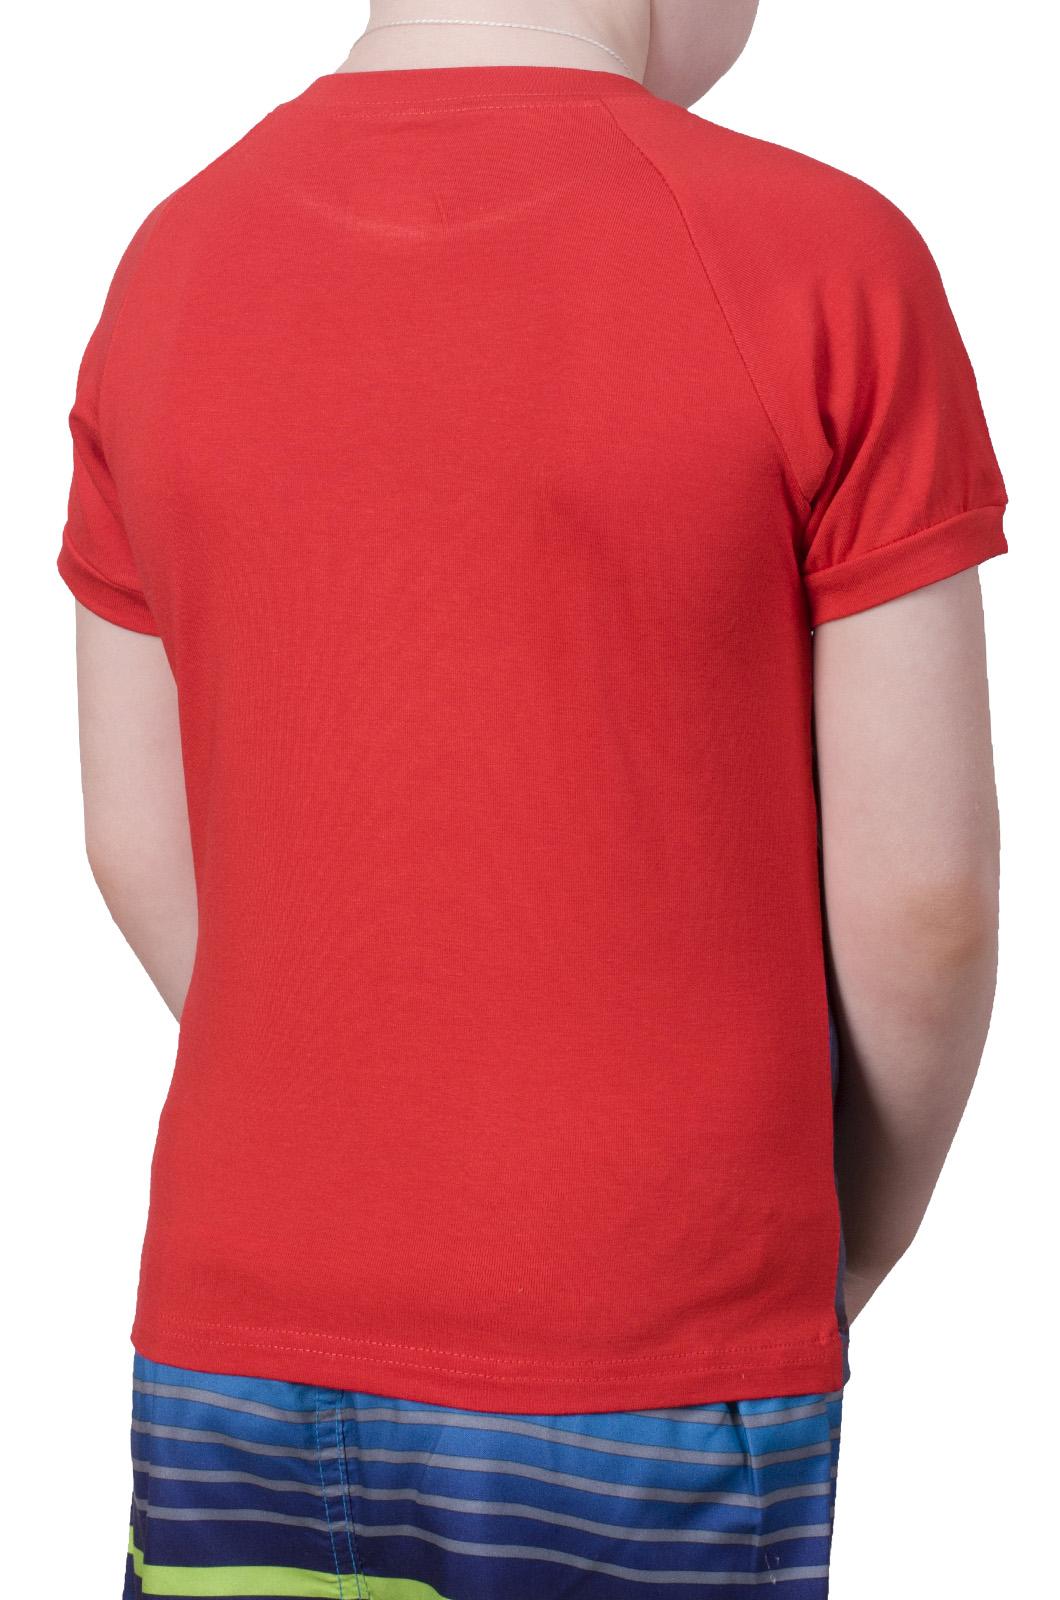 Купить футболку для мальчика с Человеком Пауком